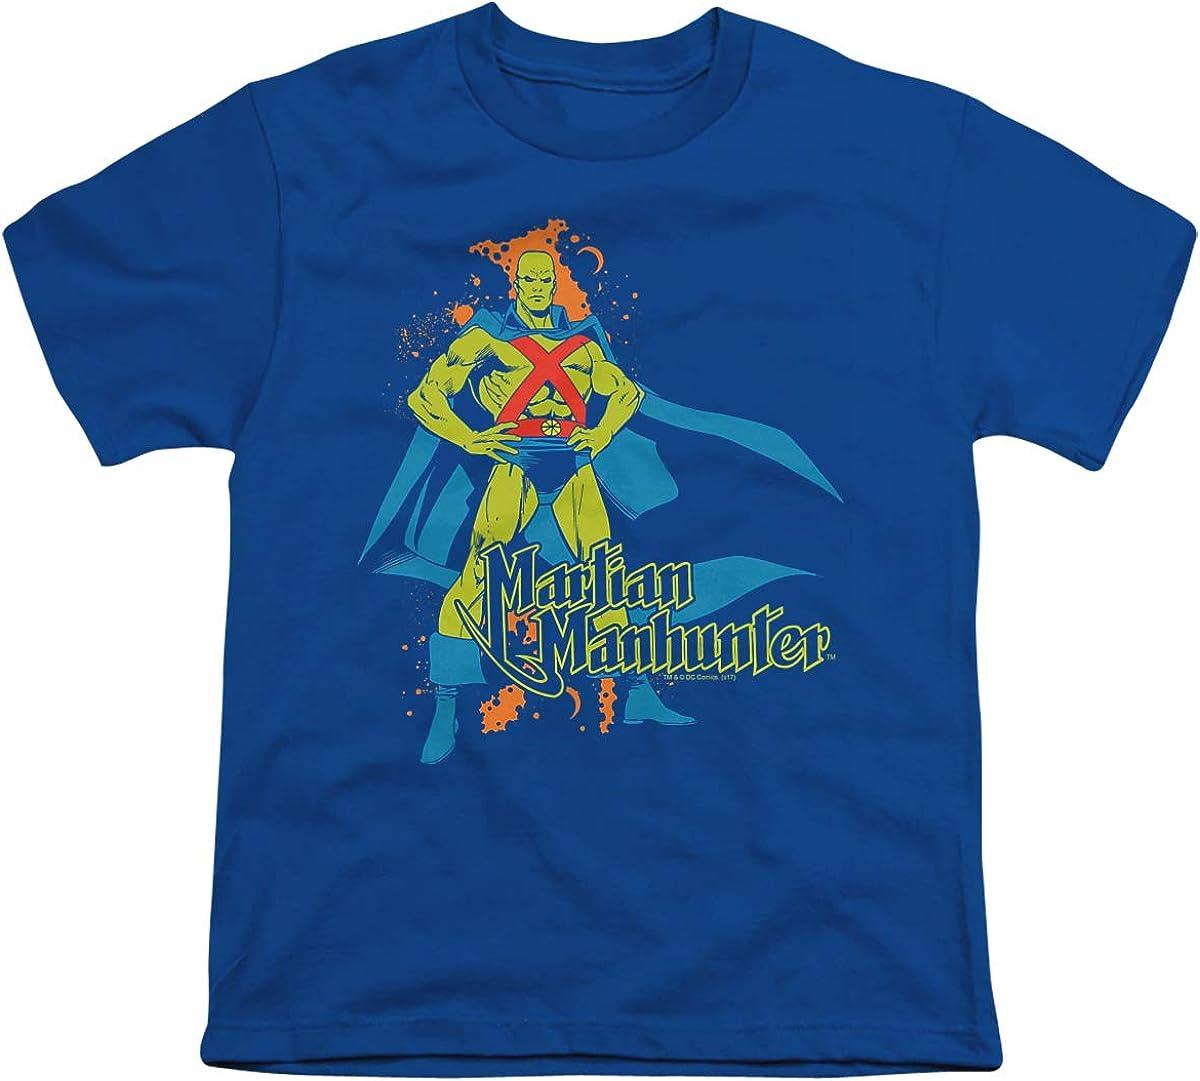 DC Martian Manhunter Unisex Youth T Shirt, Royal, X-Large